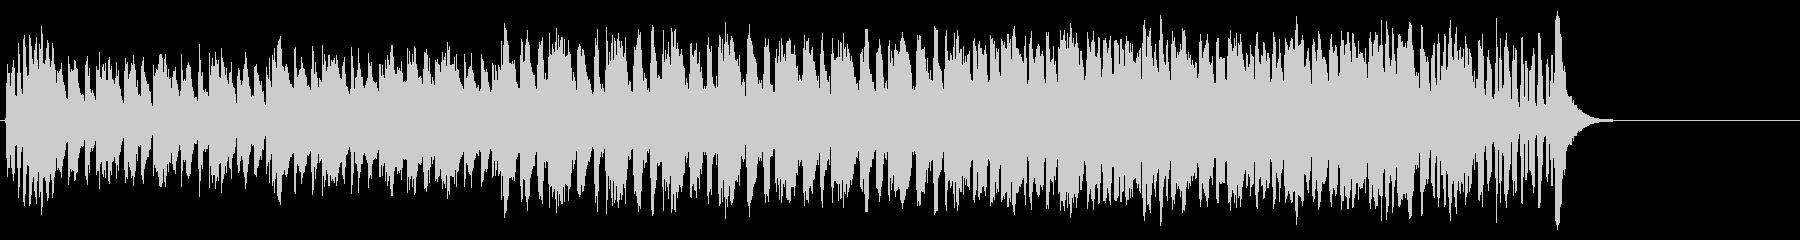 パニック映画風マイナードキュメントの未再生の波形